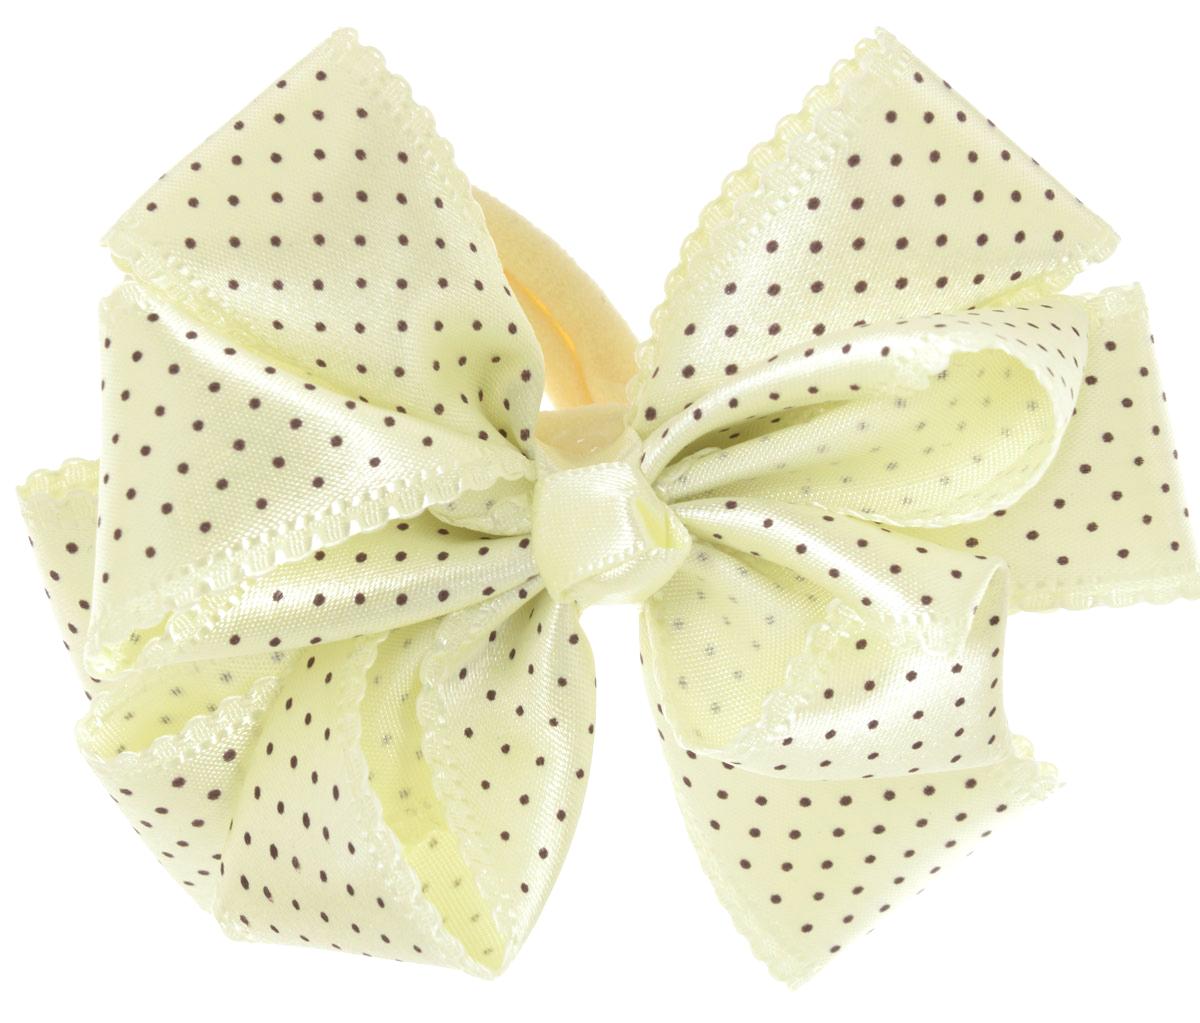 Babys Joy Резинка для волос цвет желтый черный MN 192MN 192_желтый/черный горошекРезинка для волос Babys Joy, изготовленная из текстиля, дополнена милым бантом из атласа в форме цветка и оформлена по верху декоративным принтом в виде мелкого горошка. Резинка для волос Babys Joy надежно зафиксирует волосы и подчеркнет красоту прически вашей маленькой принцессы. Рекомендовано для детей старше трех лет.